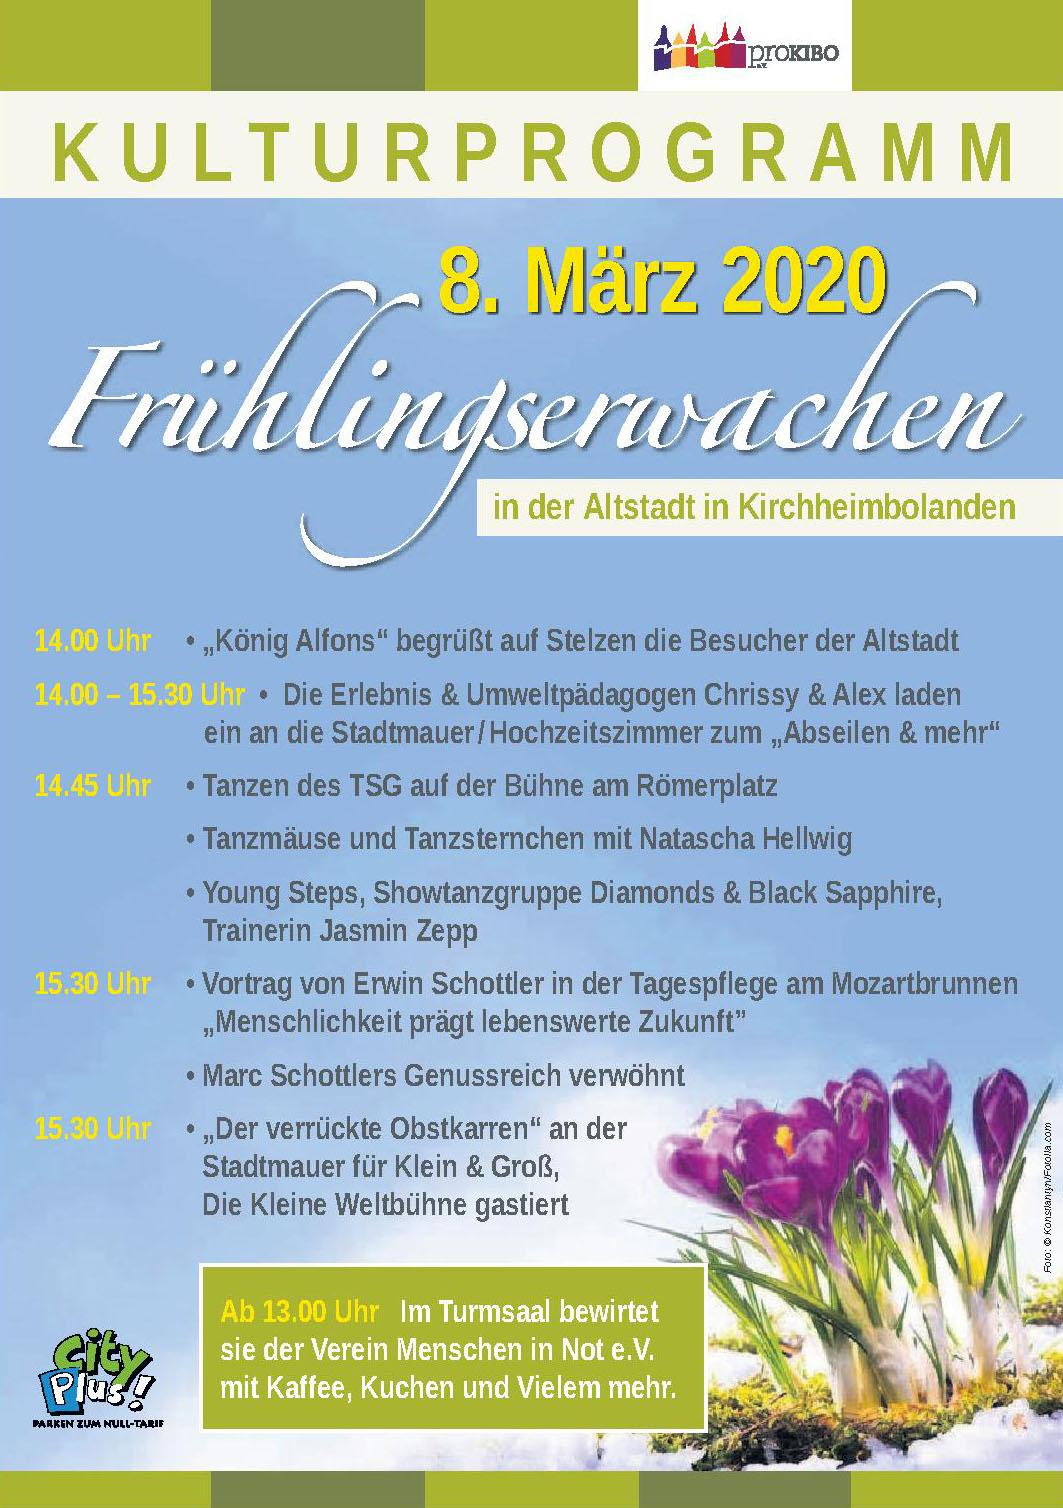 Kulturprogramm Frühlingsenwachen